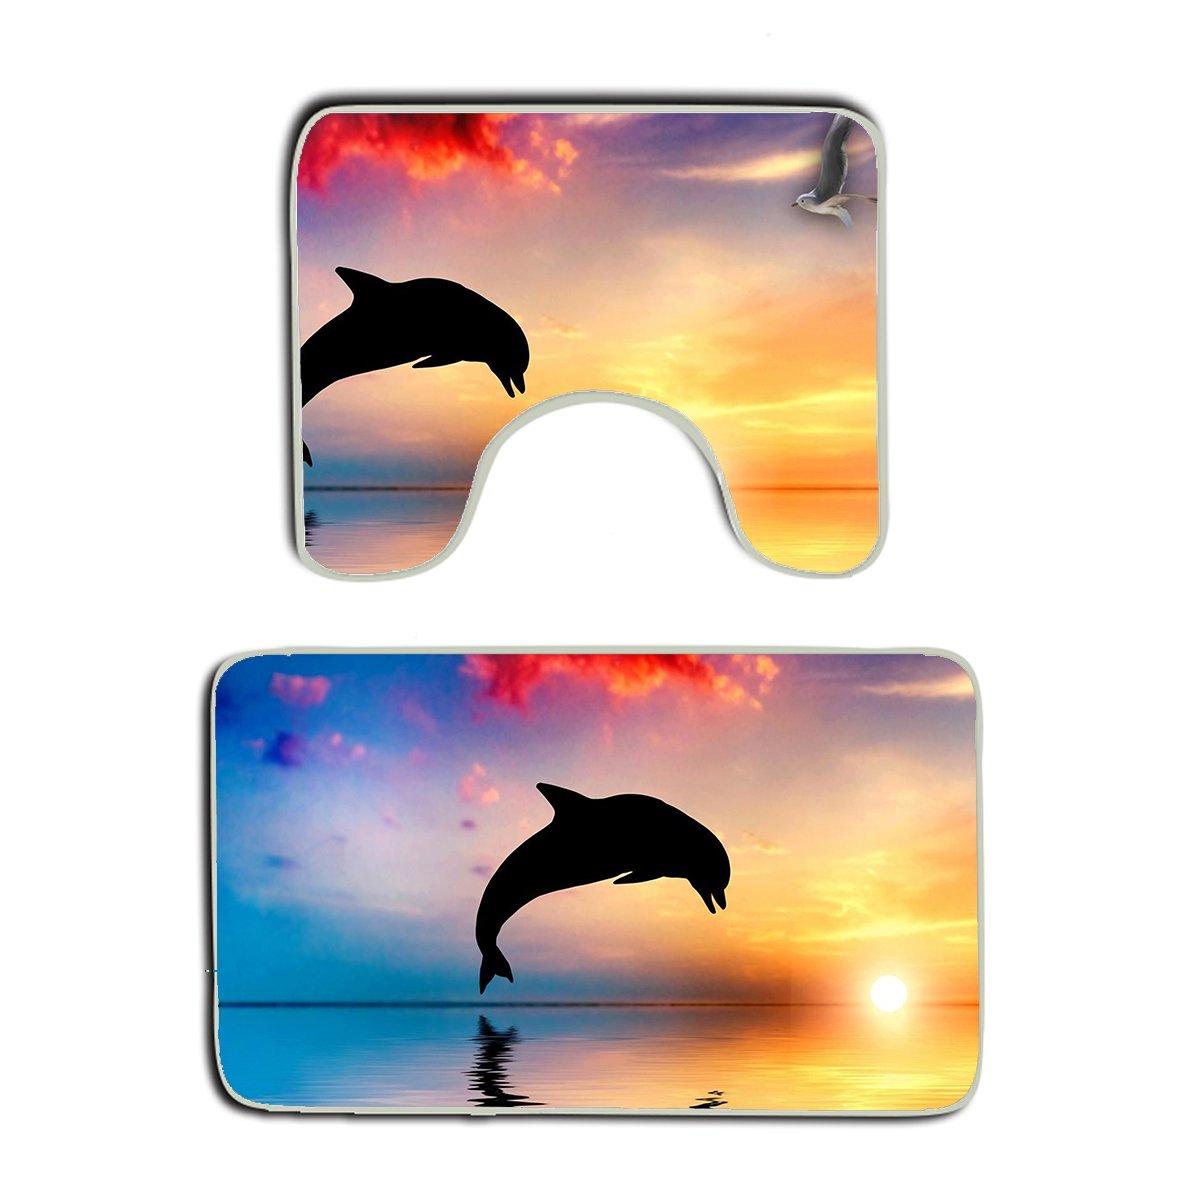 Summer Moon Fire Dolphins Jump Ocean Sunset Marine Animals Non Slip 2 Piece Bathroom Mat Pedestal Rug Bath Mat Customized Artwork Print